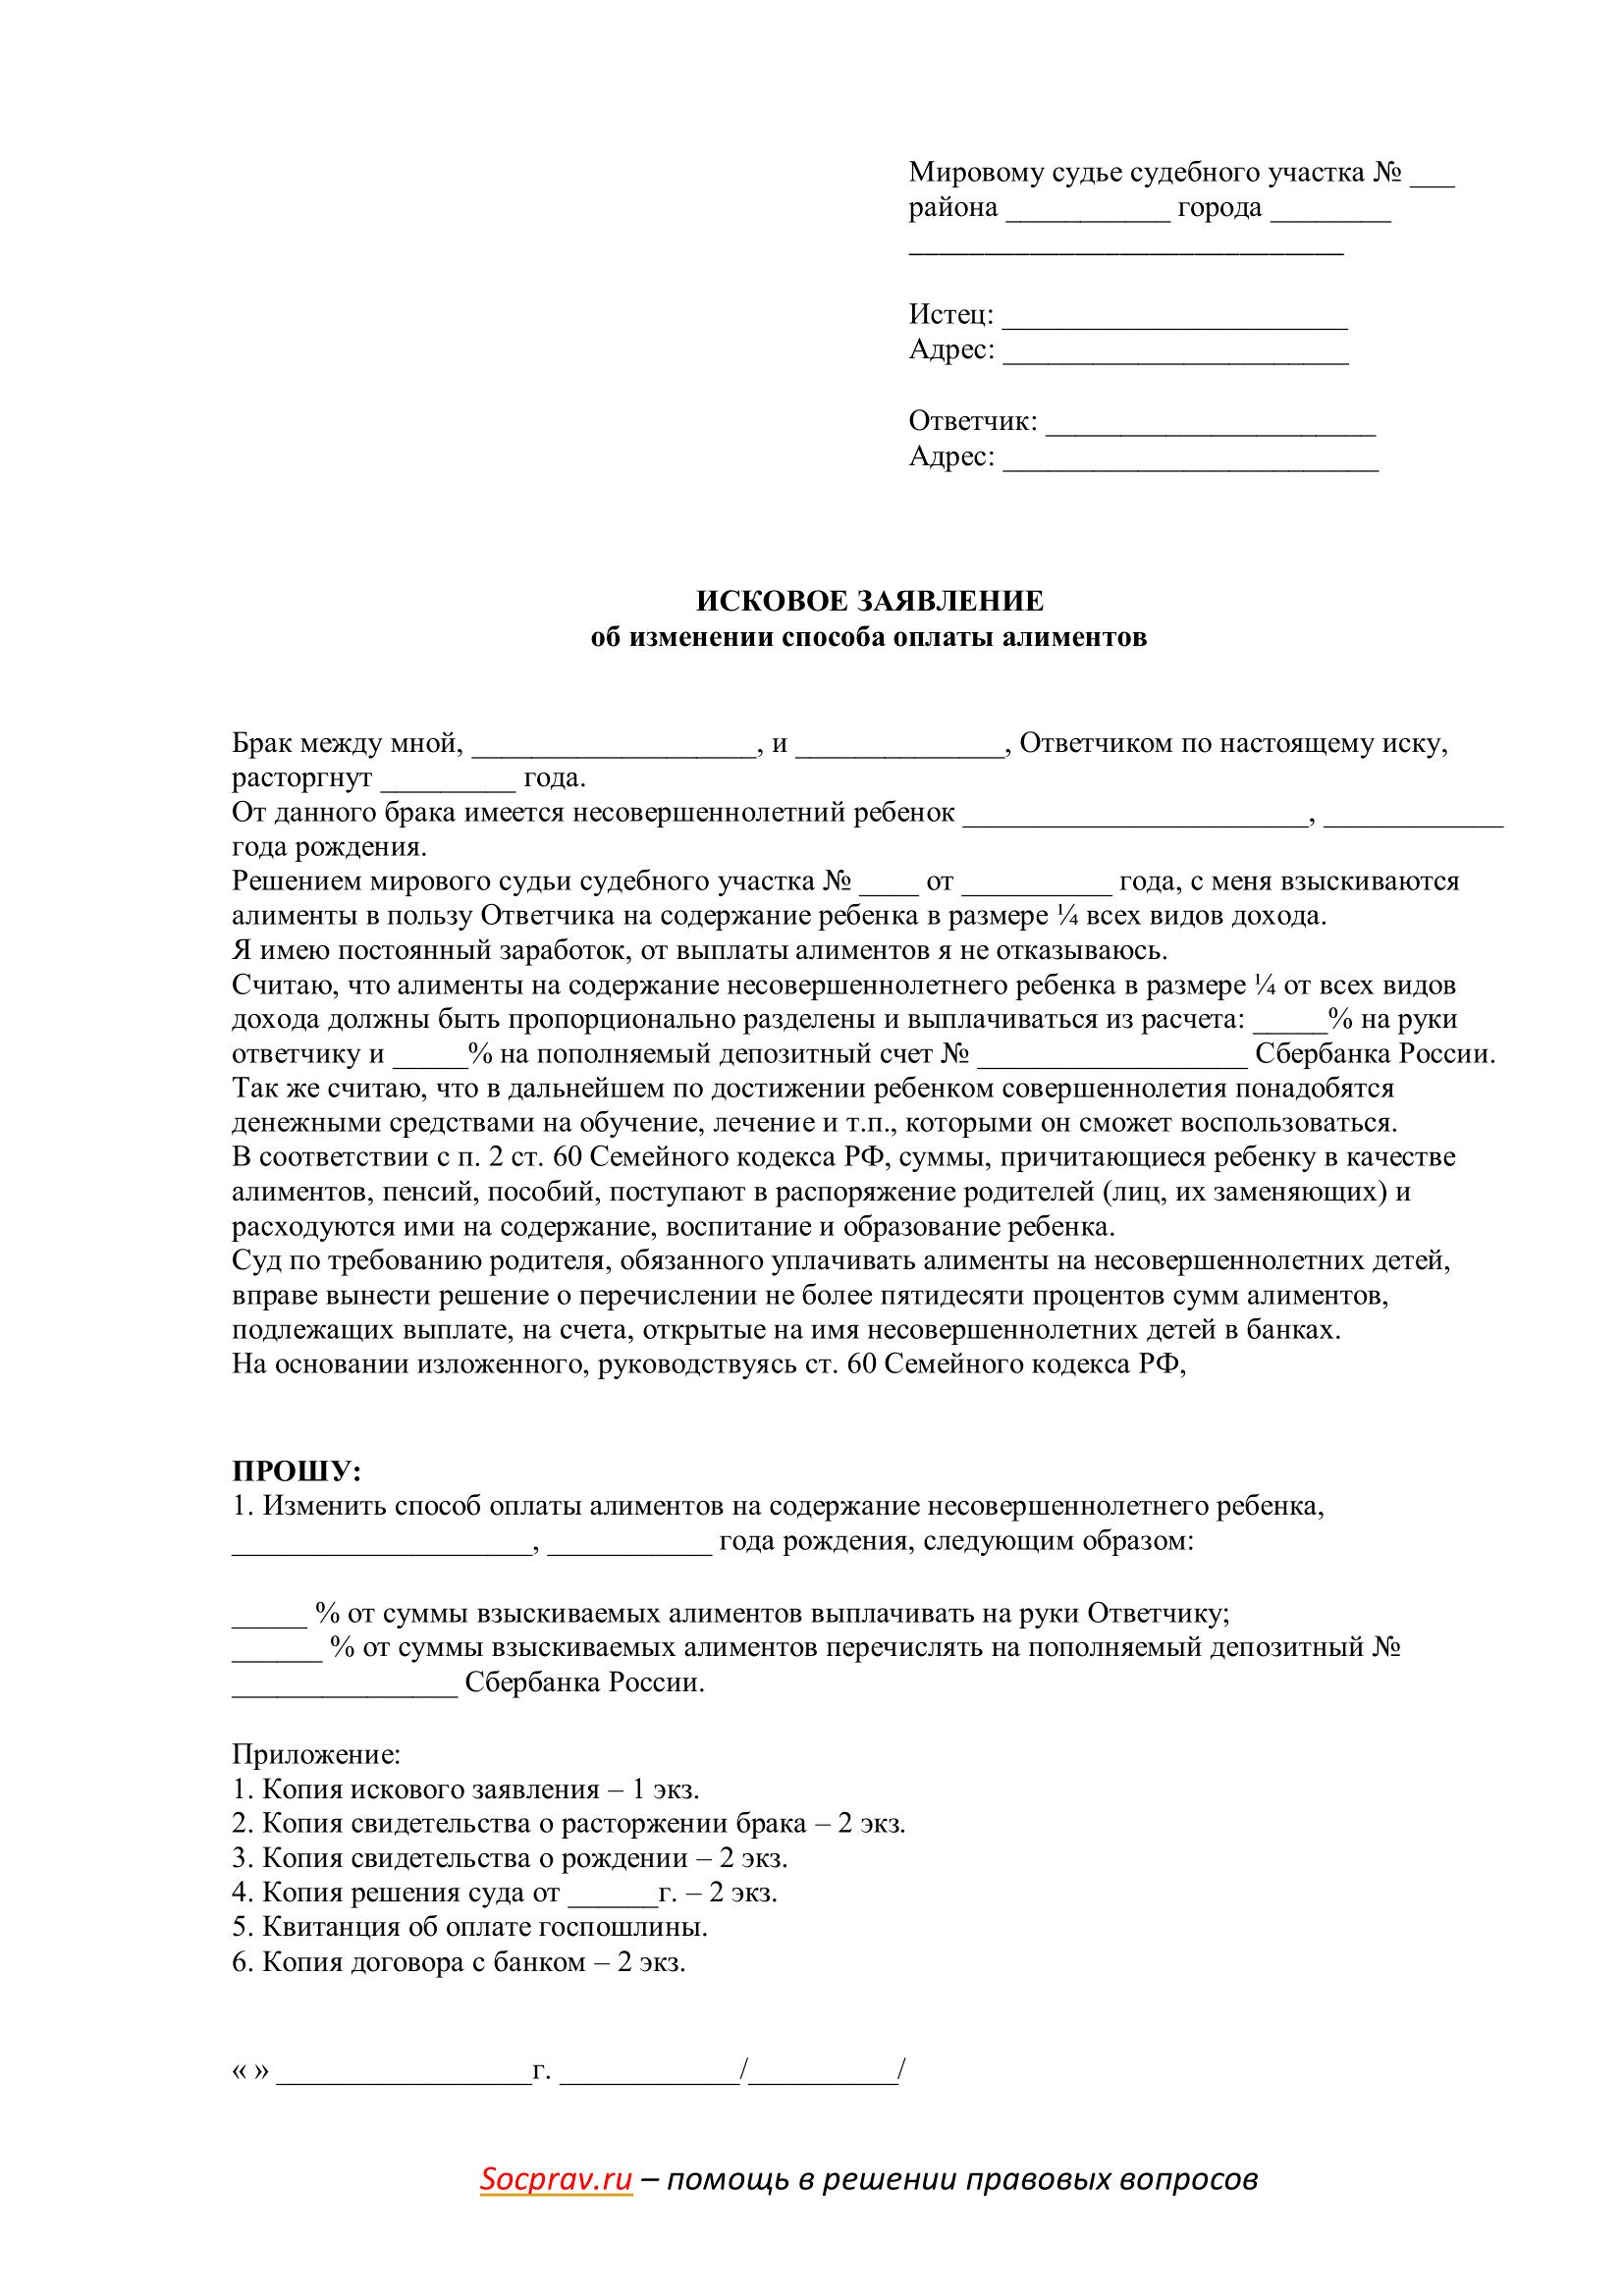 Исковое заявление об изменении способа оплаты алиментов